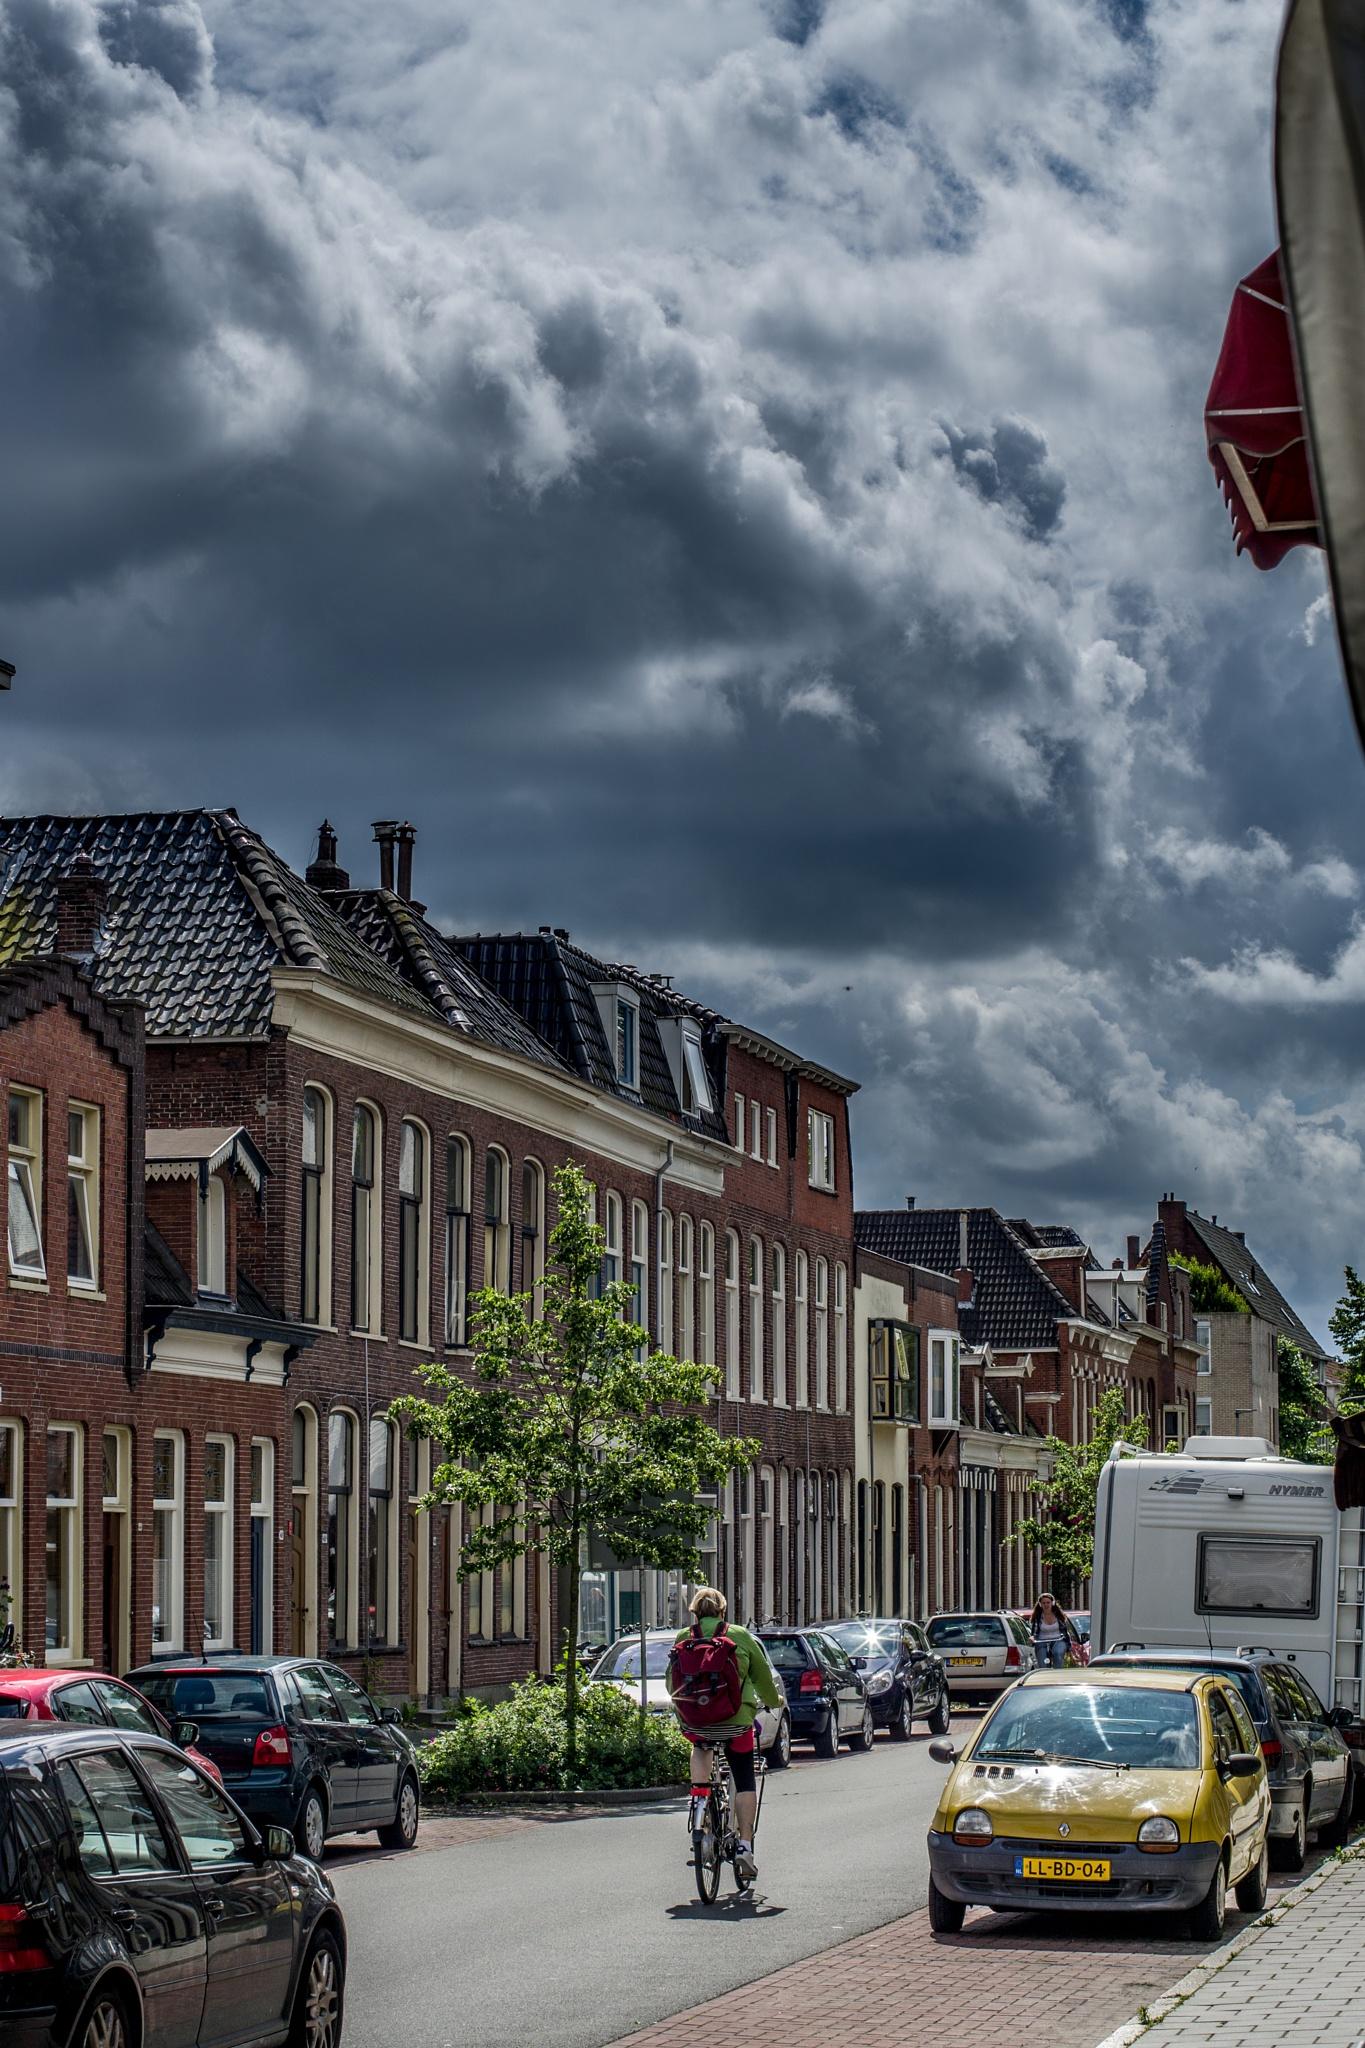 Just before the storm by Joop Nijhof